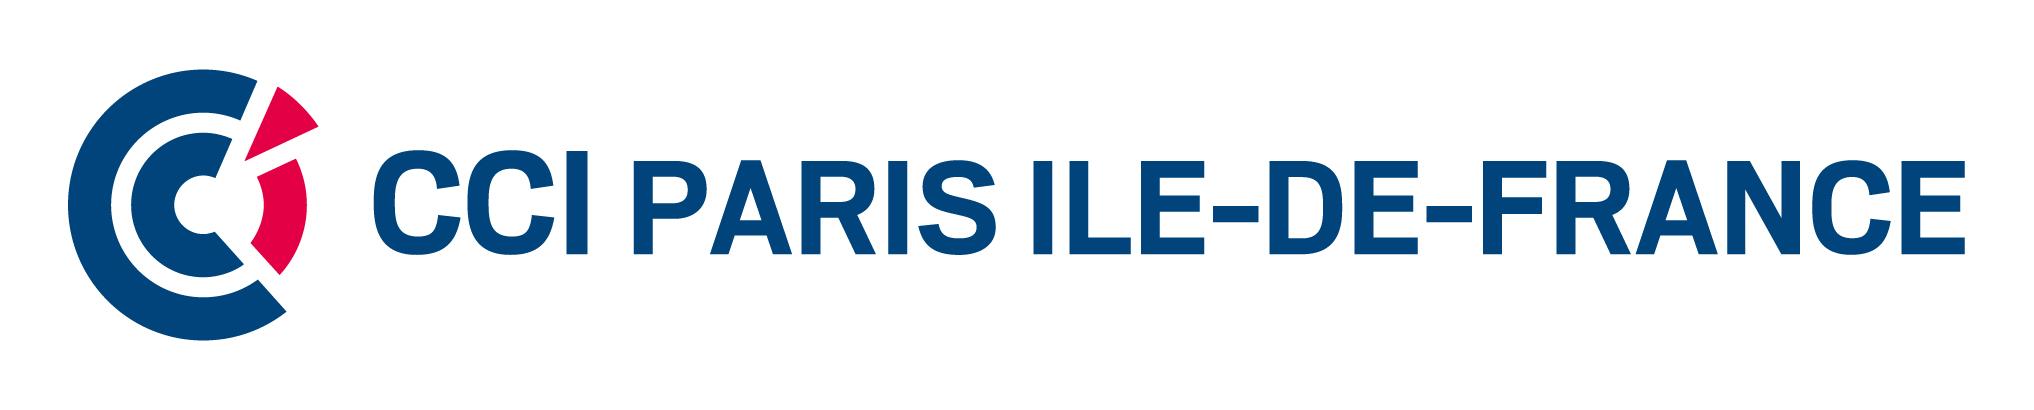 Centre de Langue Française de la Chambre de Commerce et d'Industrie de Paris